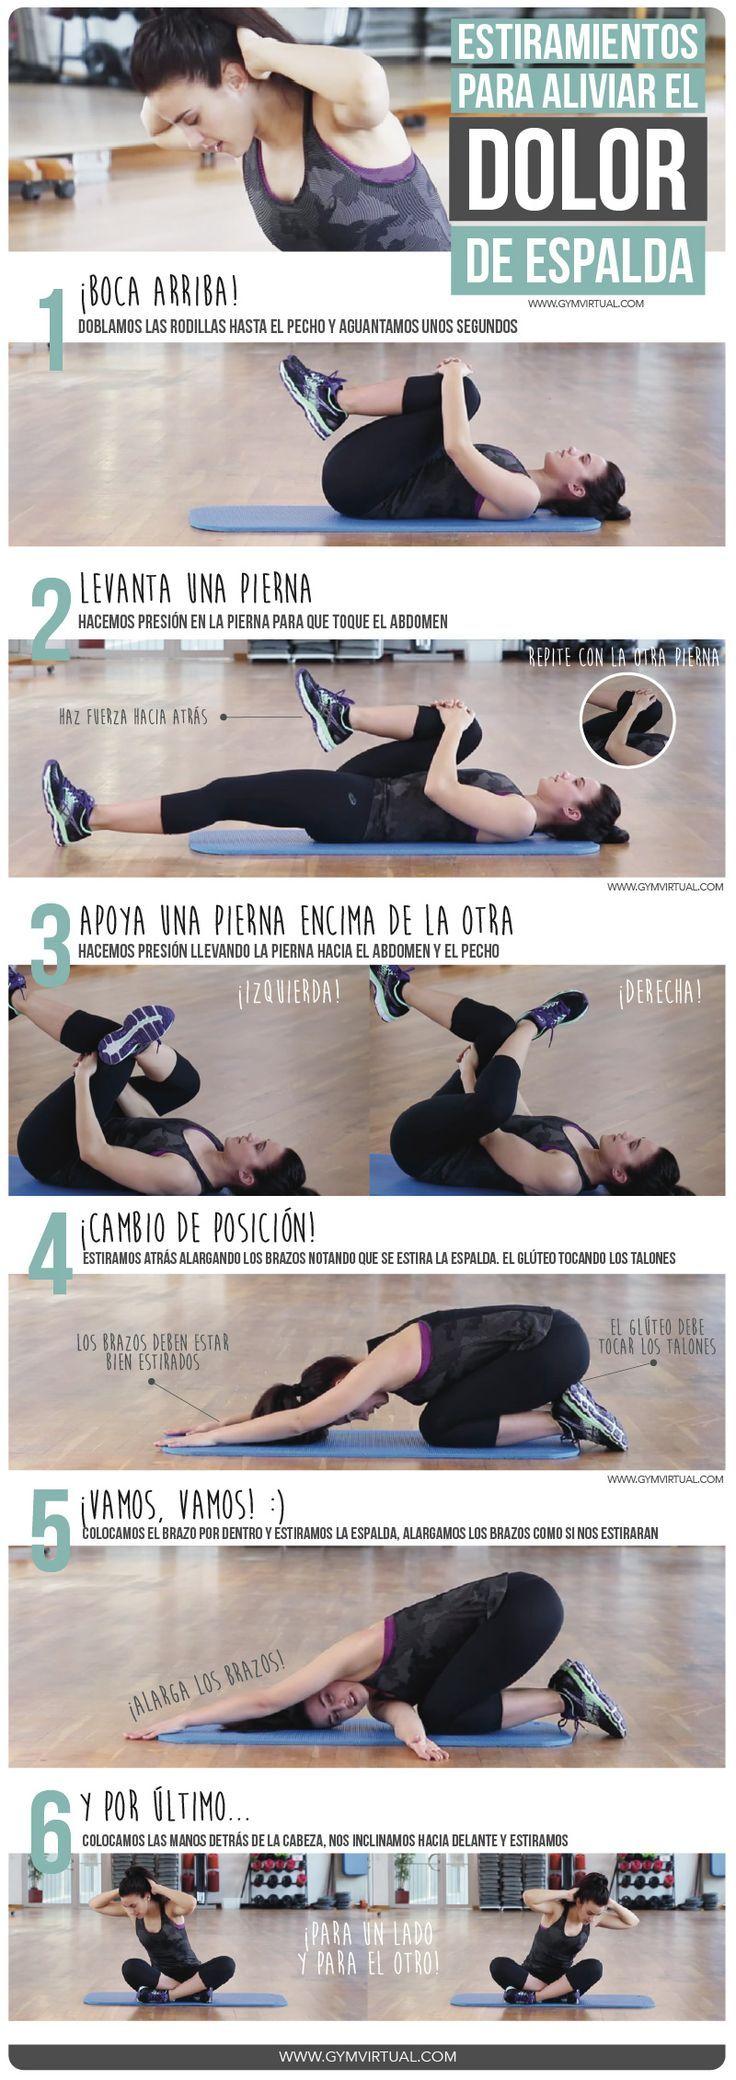 6 estiramientos para el dolor de espalda #infografía #estiramientos #espalda